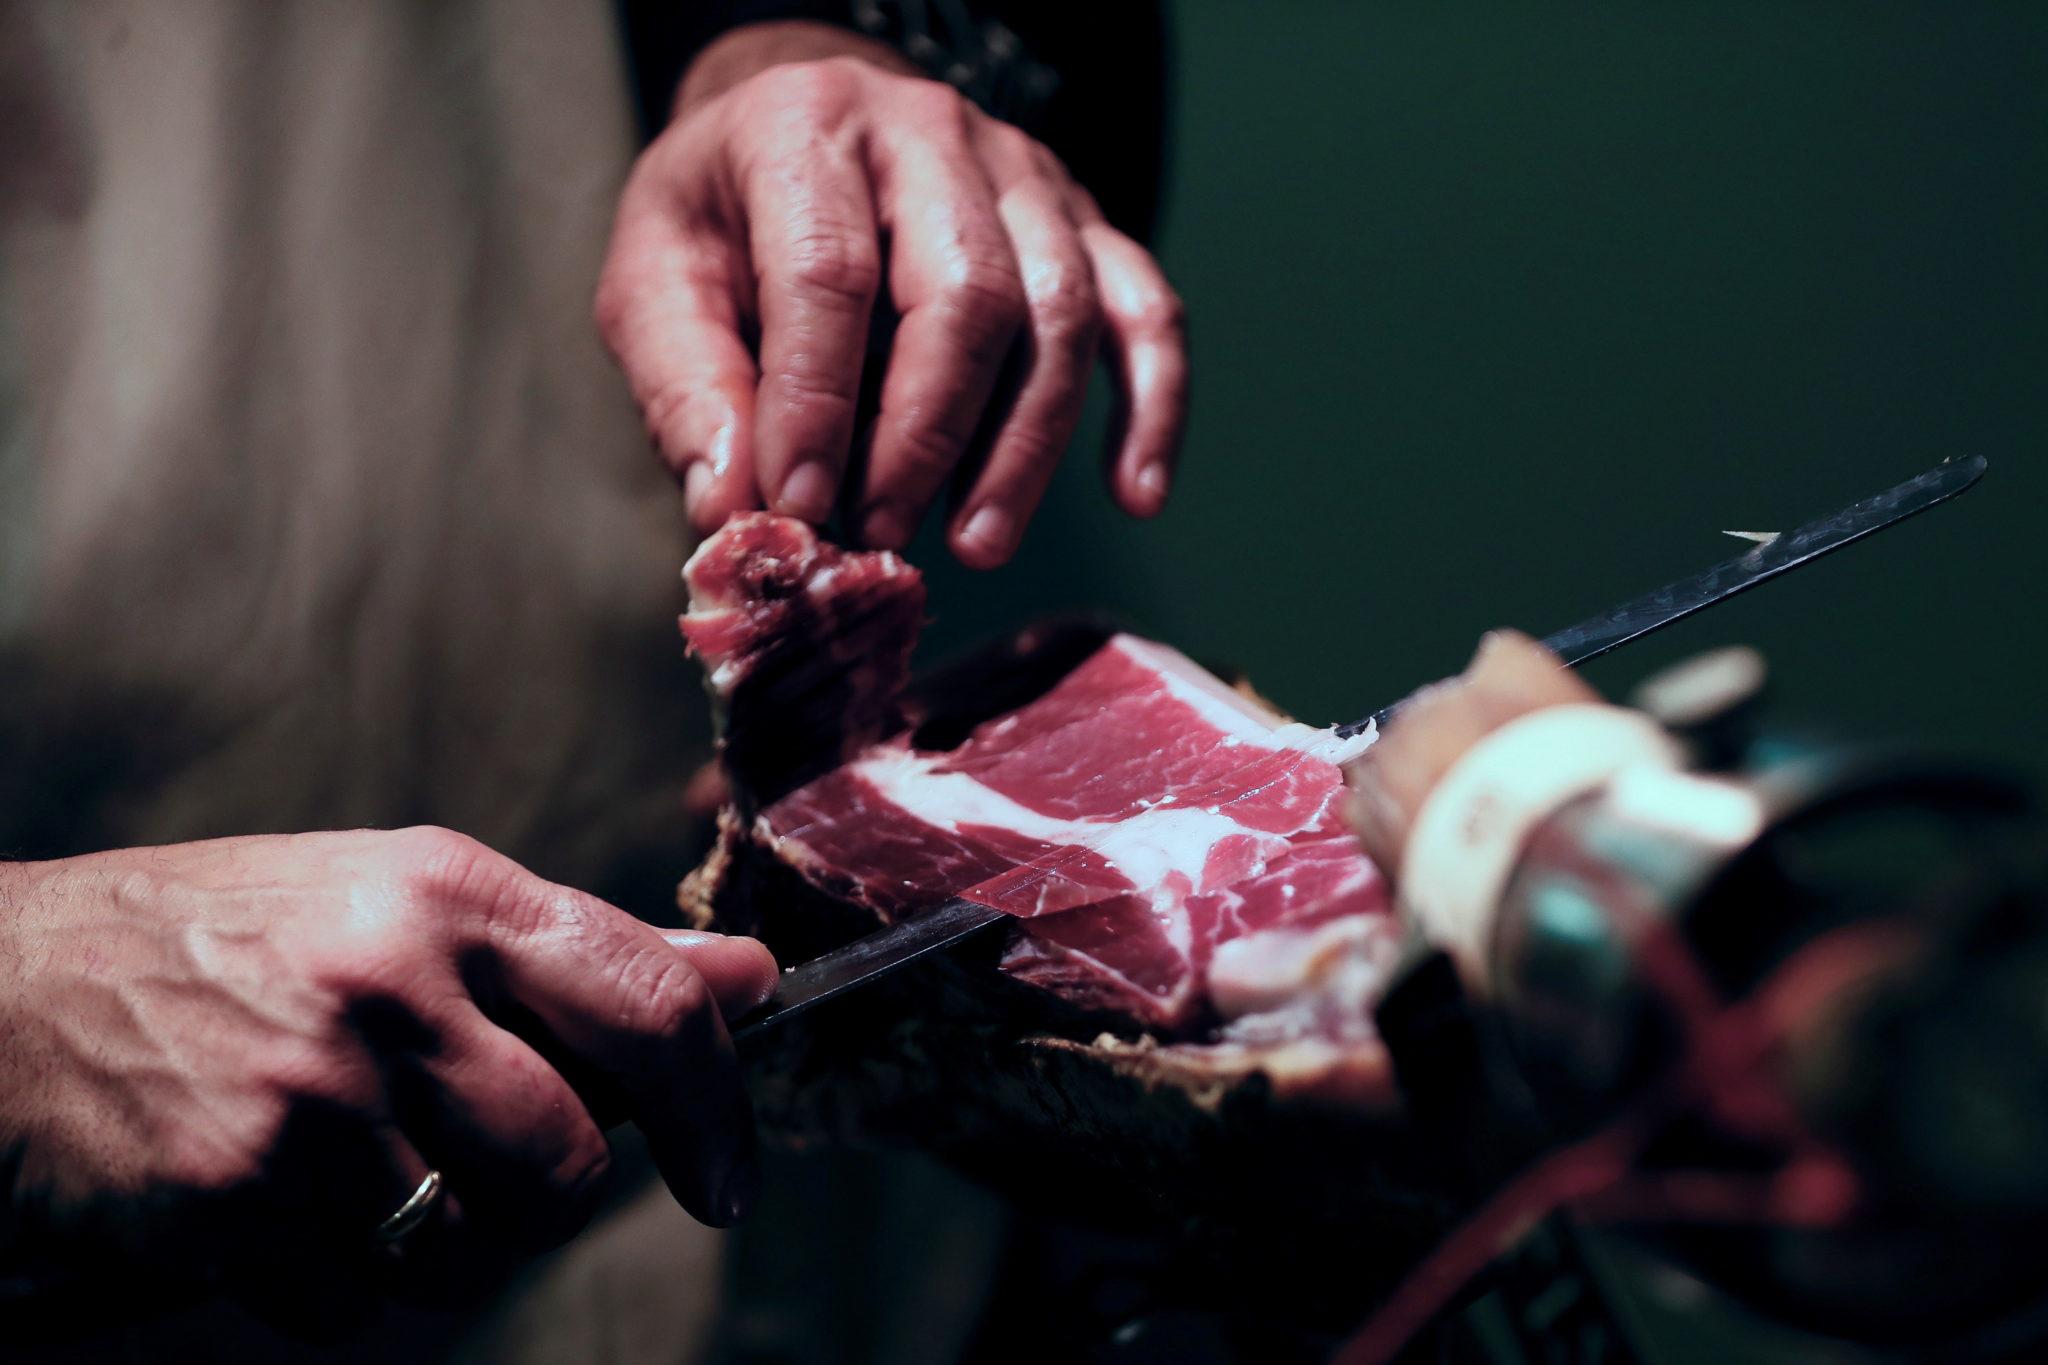 Hiszpania: XVII Międzynarodowy Szczyt Gastronomii Madrid Fusion, fot. SEBASTIAN MARISCAL, PAP/EPA